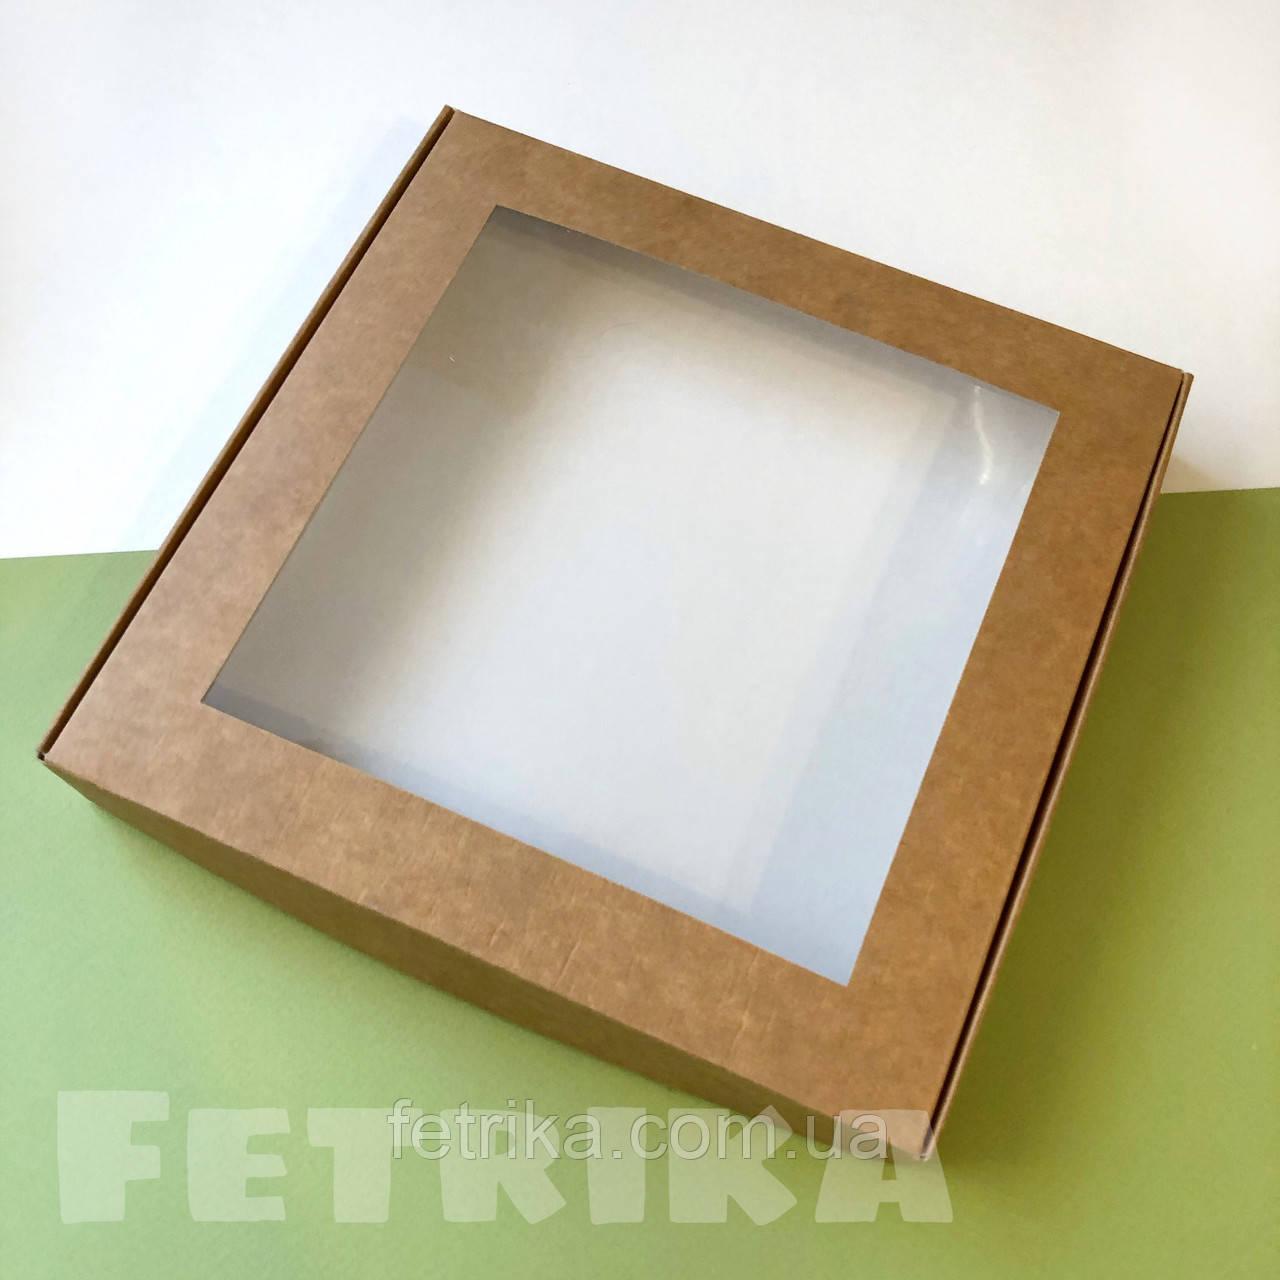 Коробка из крафт-картона с окошком 200*200*30 мм